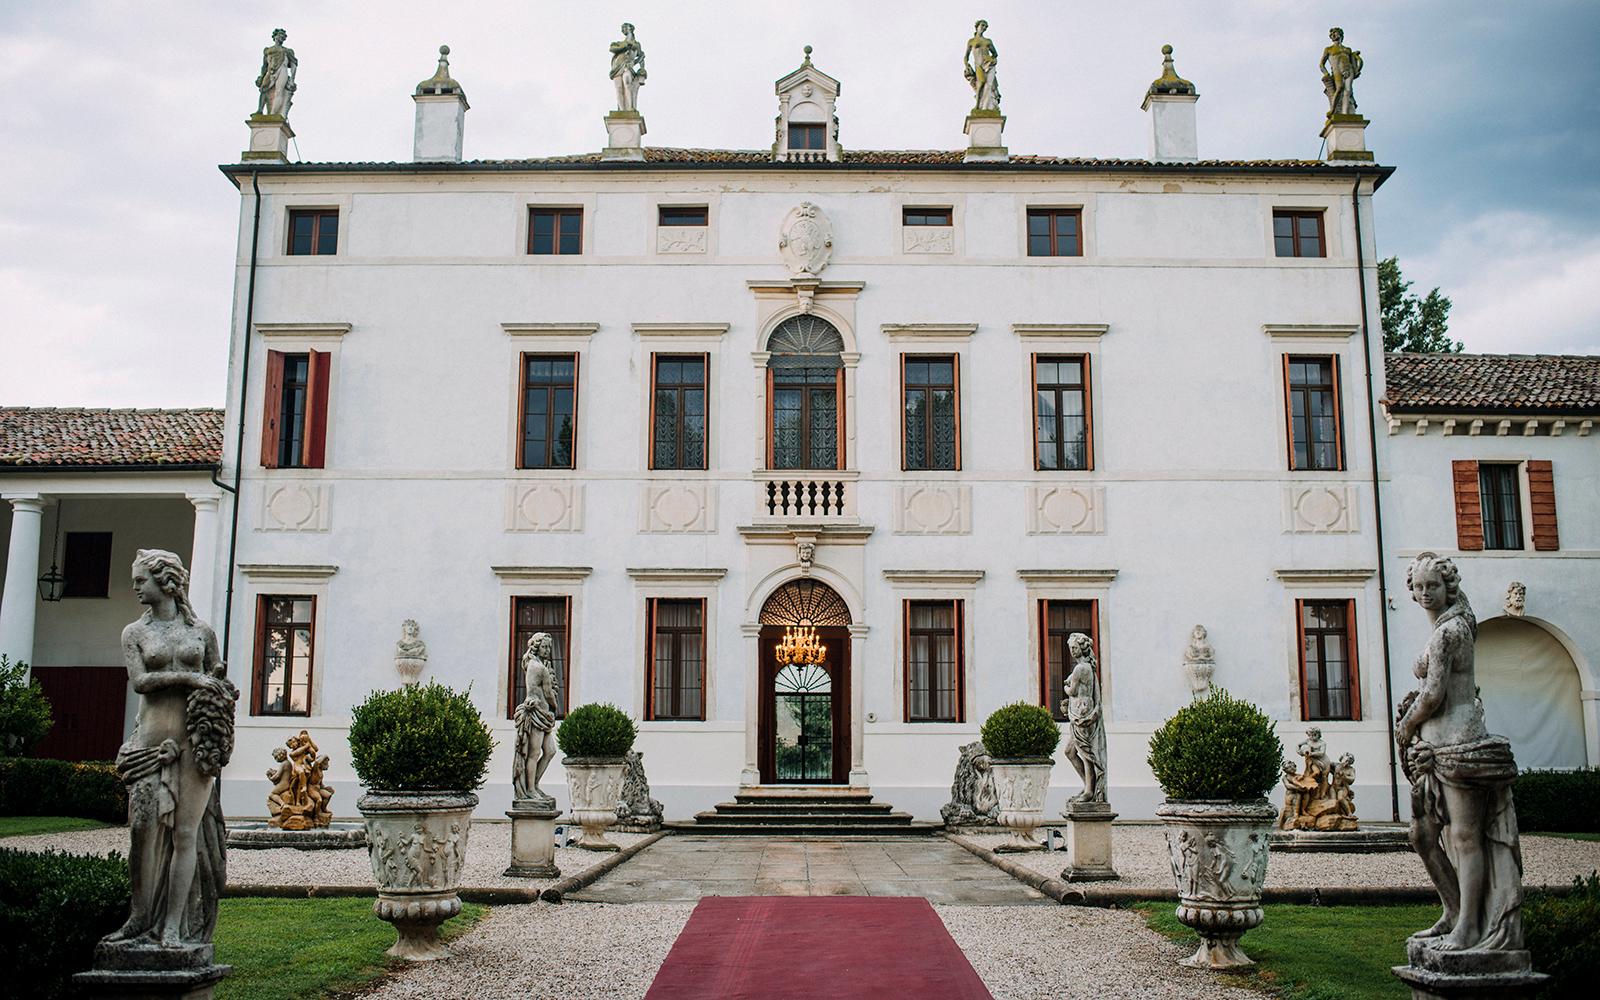 location feste Vicenza, giardino esterno per eventi Vicenza, spazio esterno per eventi Vicenza, giardino esterno matrimonio Vicenza, location feste Padova, location feste private Padova